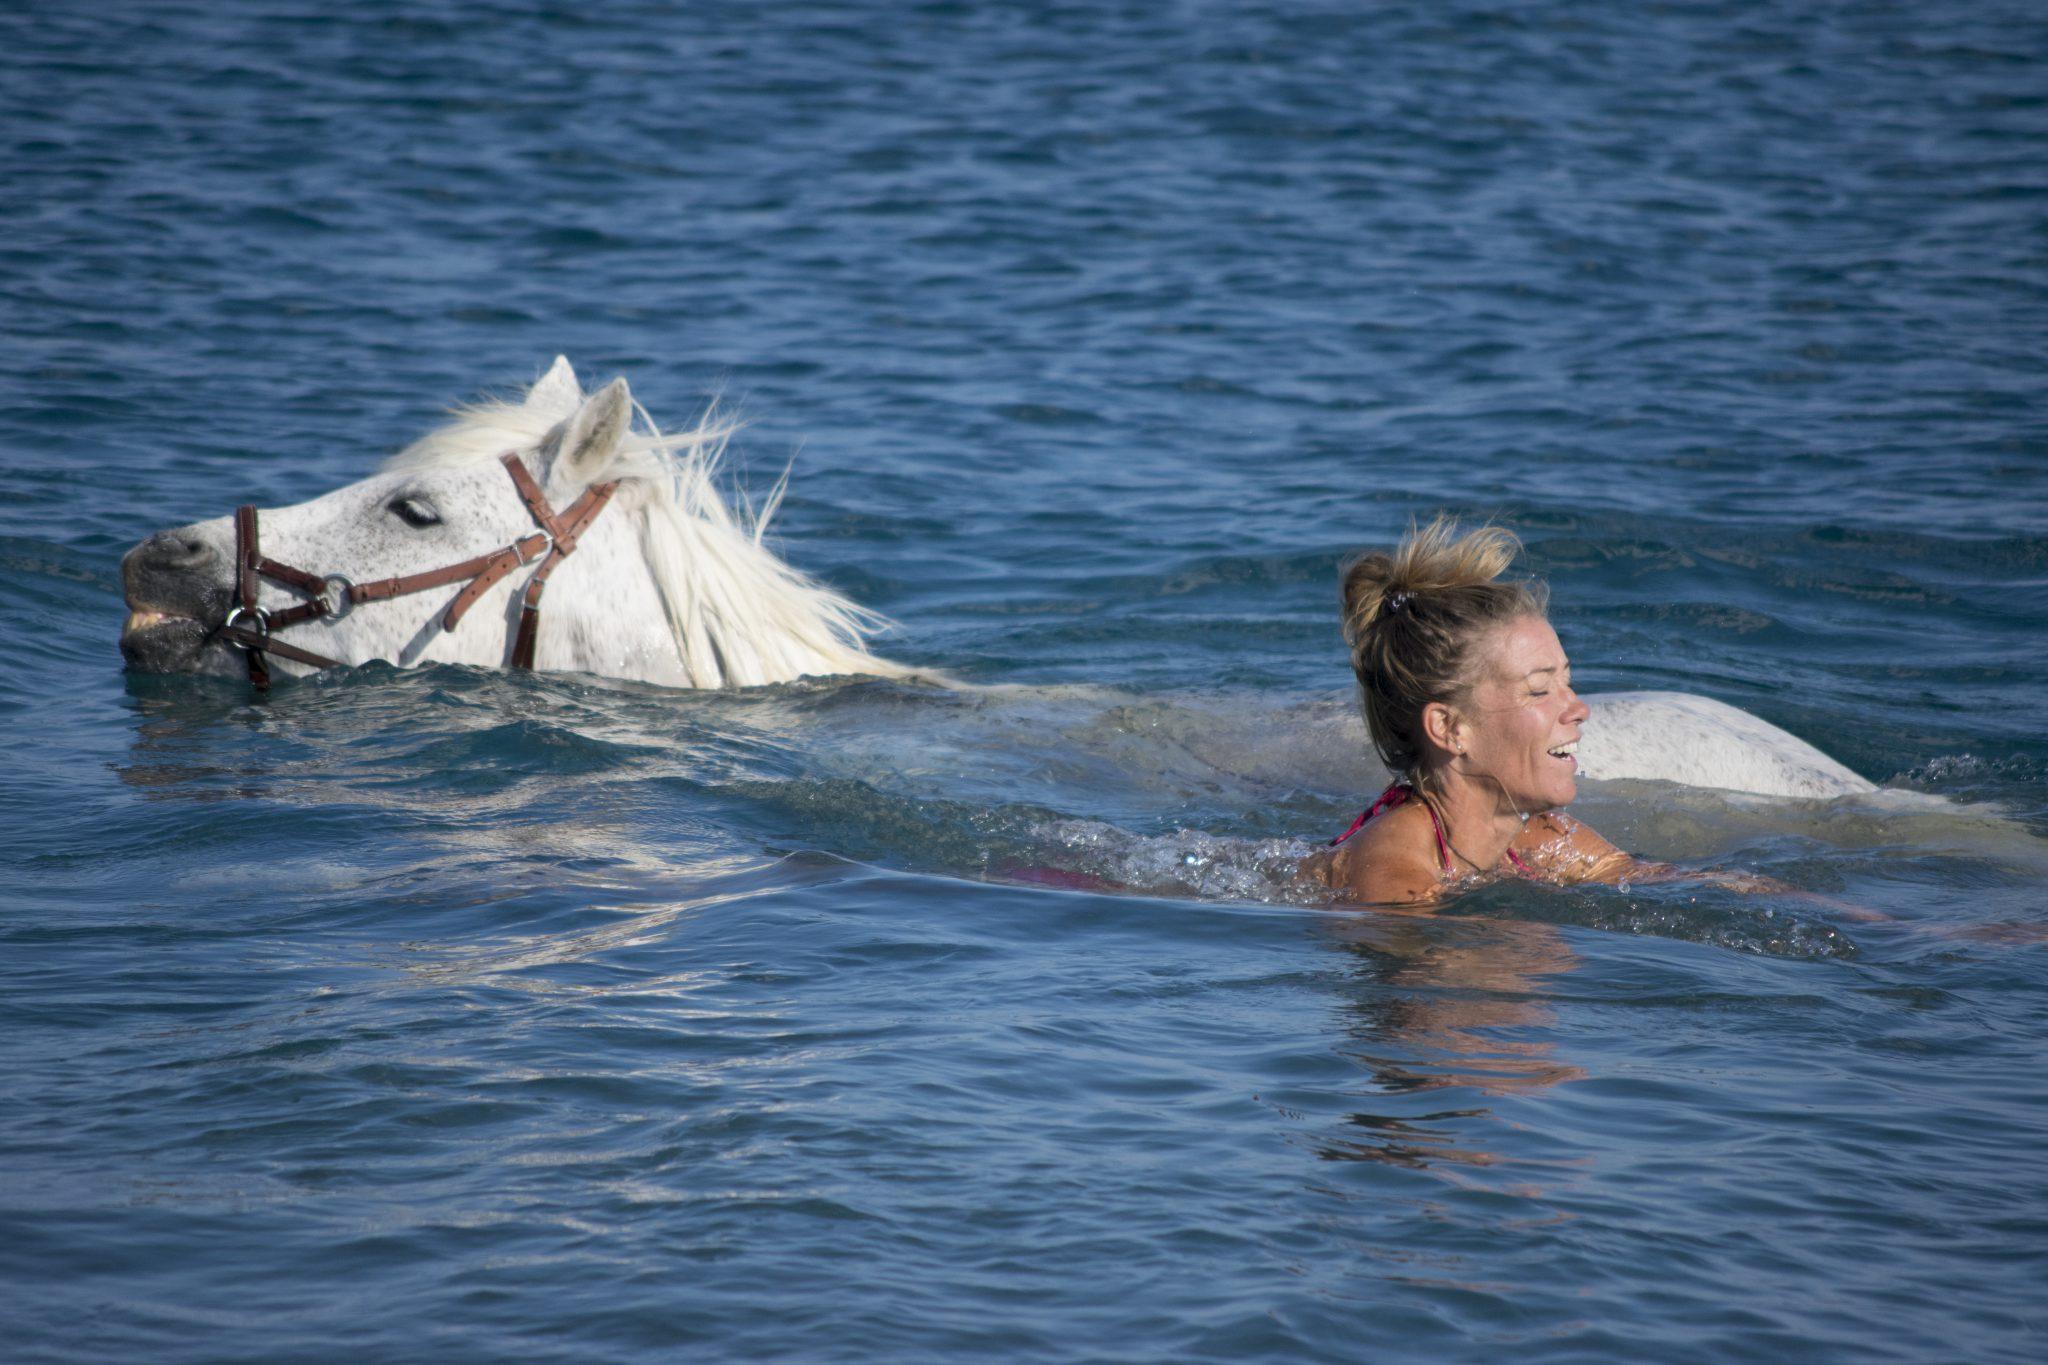 Zwemmen met paard Griekenland